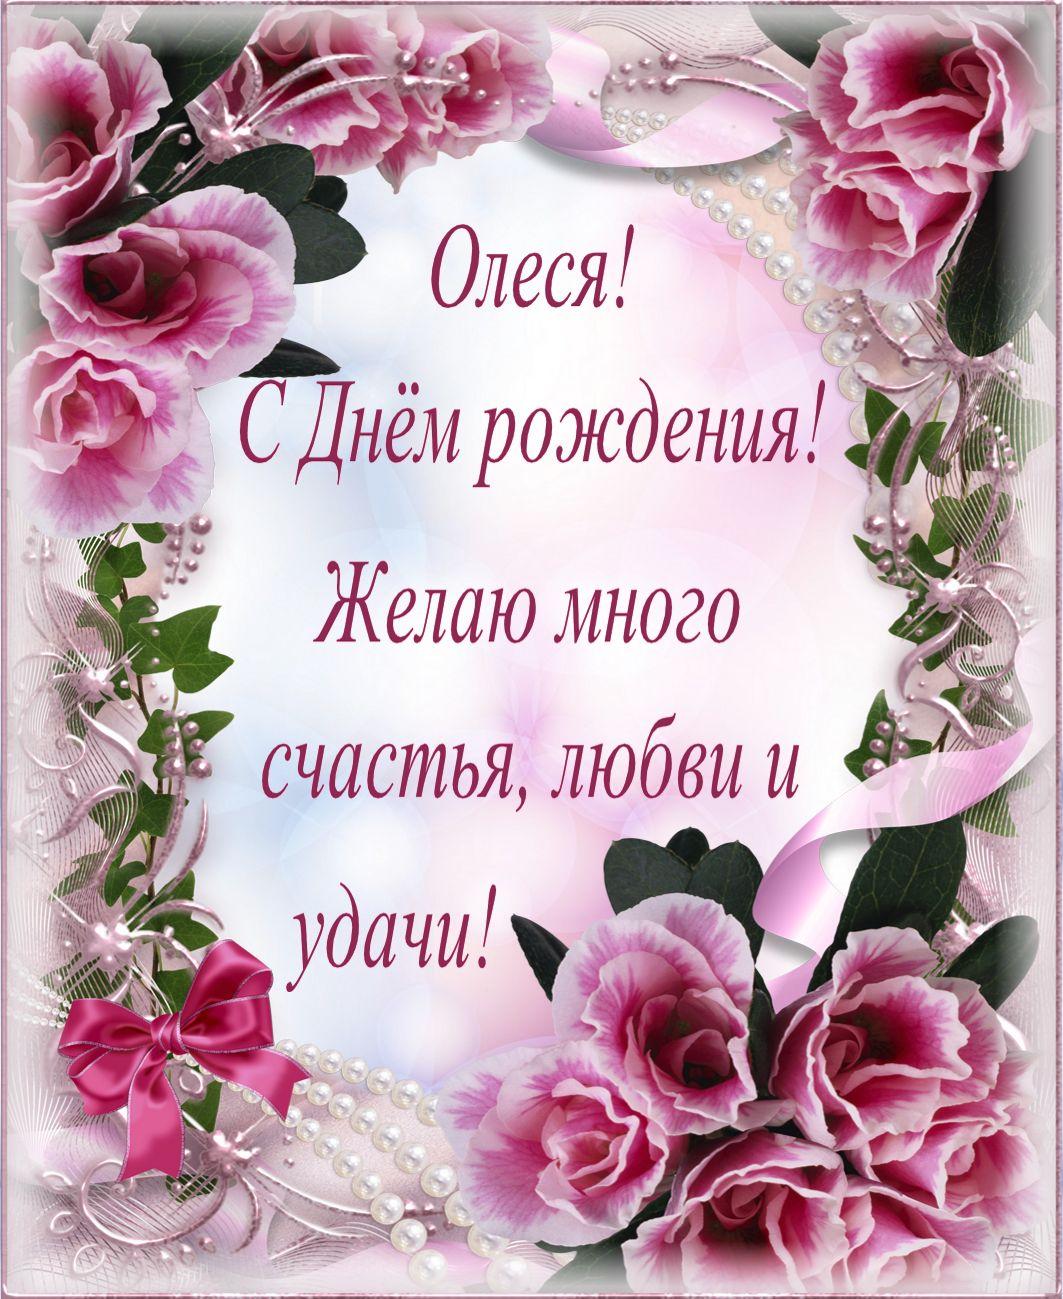 Открытка на День рождения Олесе - поздравление в красивой рамке из цветов